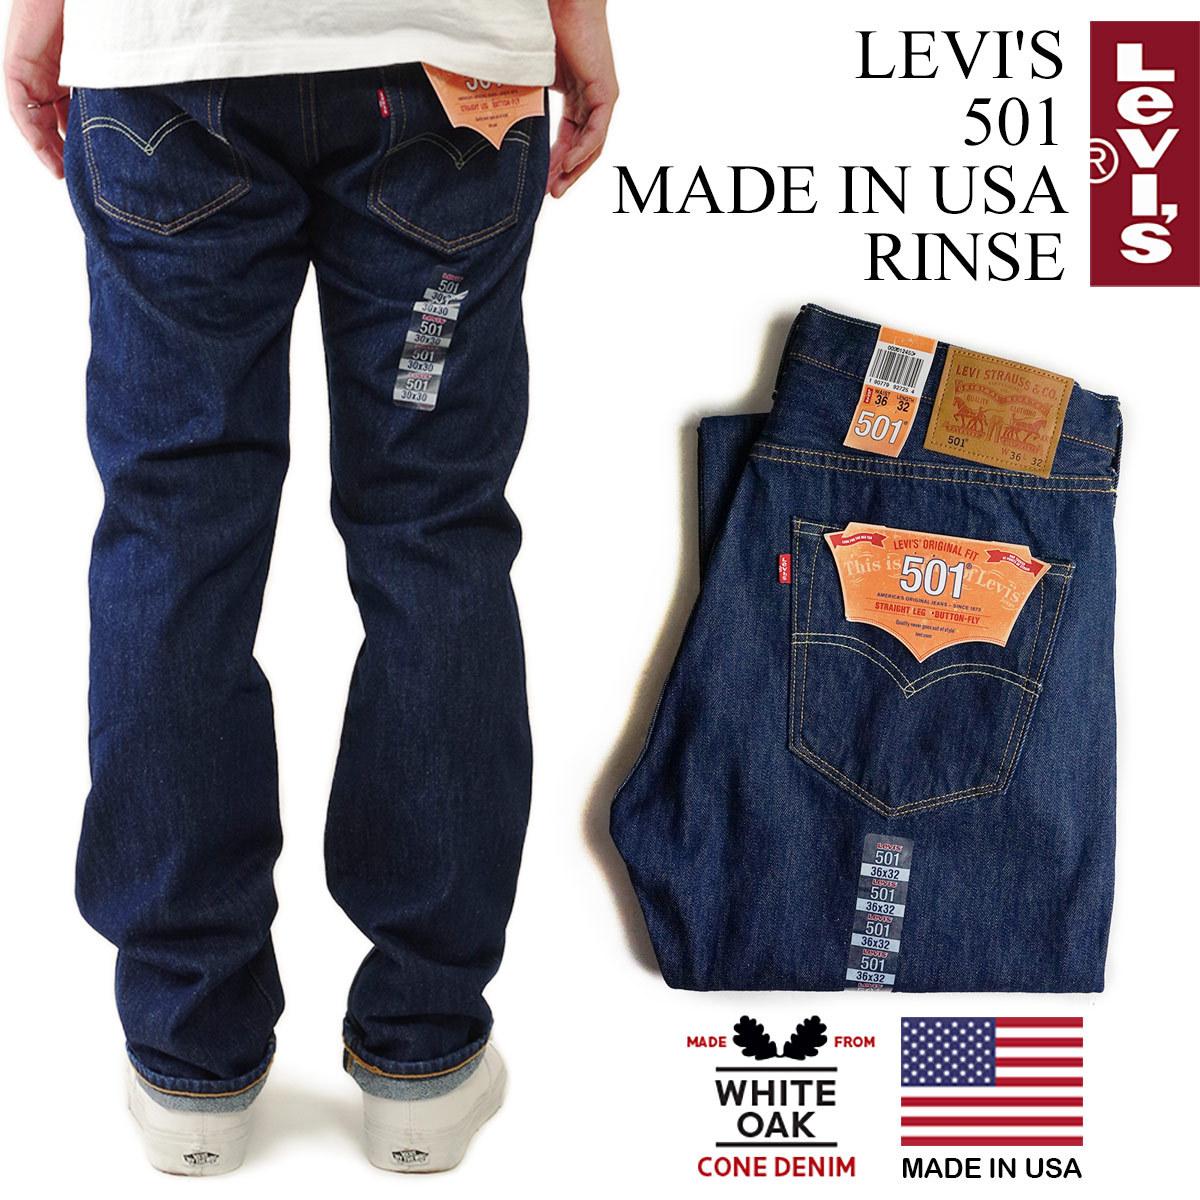 送料無料 メンズ アメリカ製 リーバイス LEVI'S 501 MADE IN USA リンス (米国製 アメリカ製 LEVIS コーンデニム ホワイトオーク コーンミルズ 501-2453)